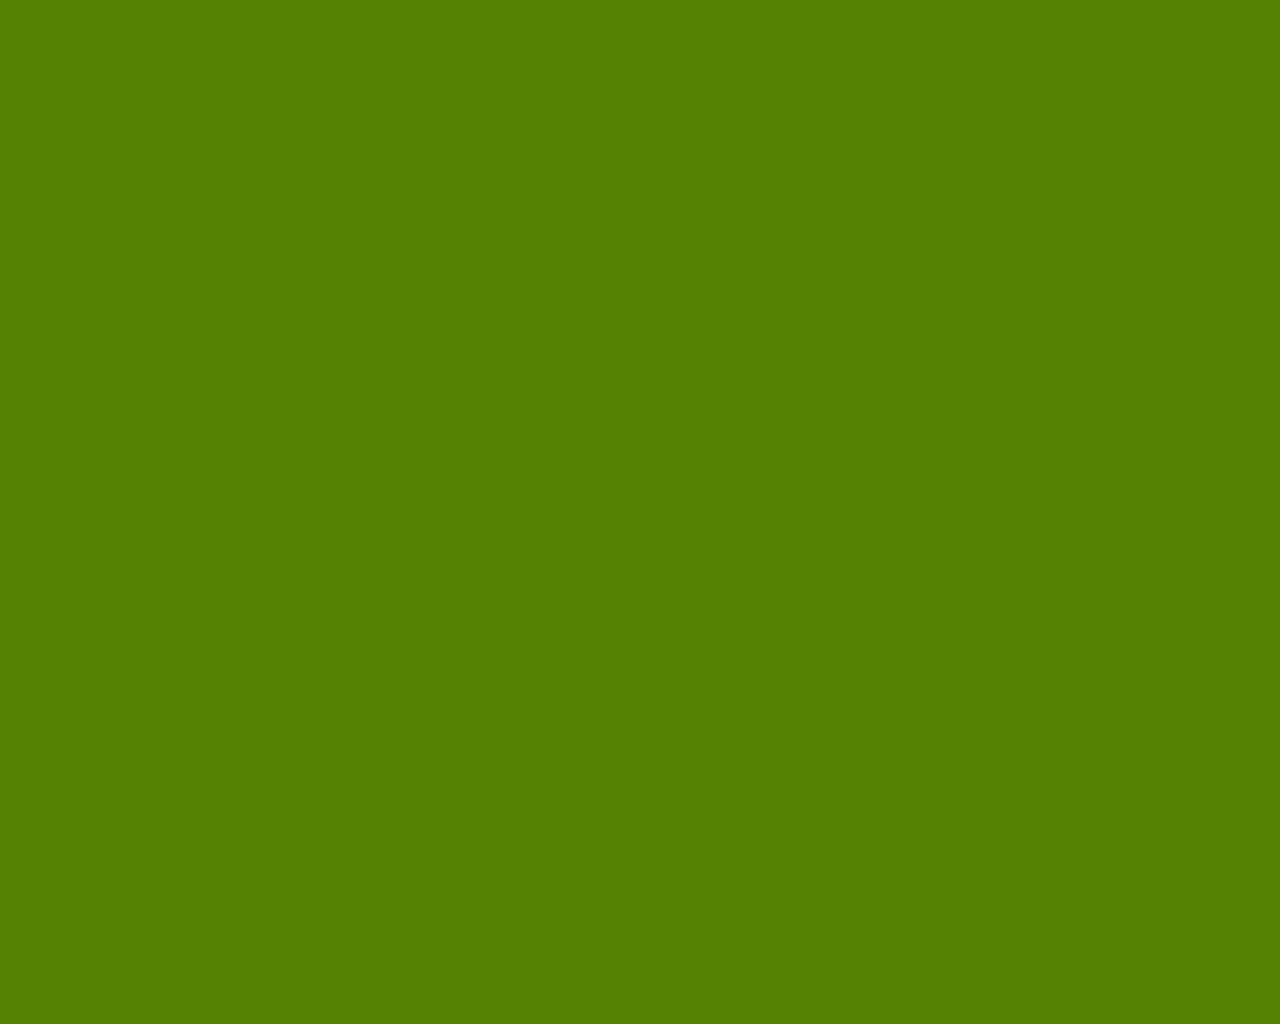 1280x1024 Avocado Solid Color Background